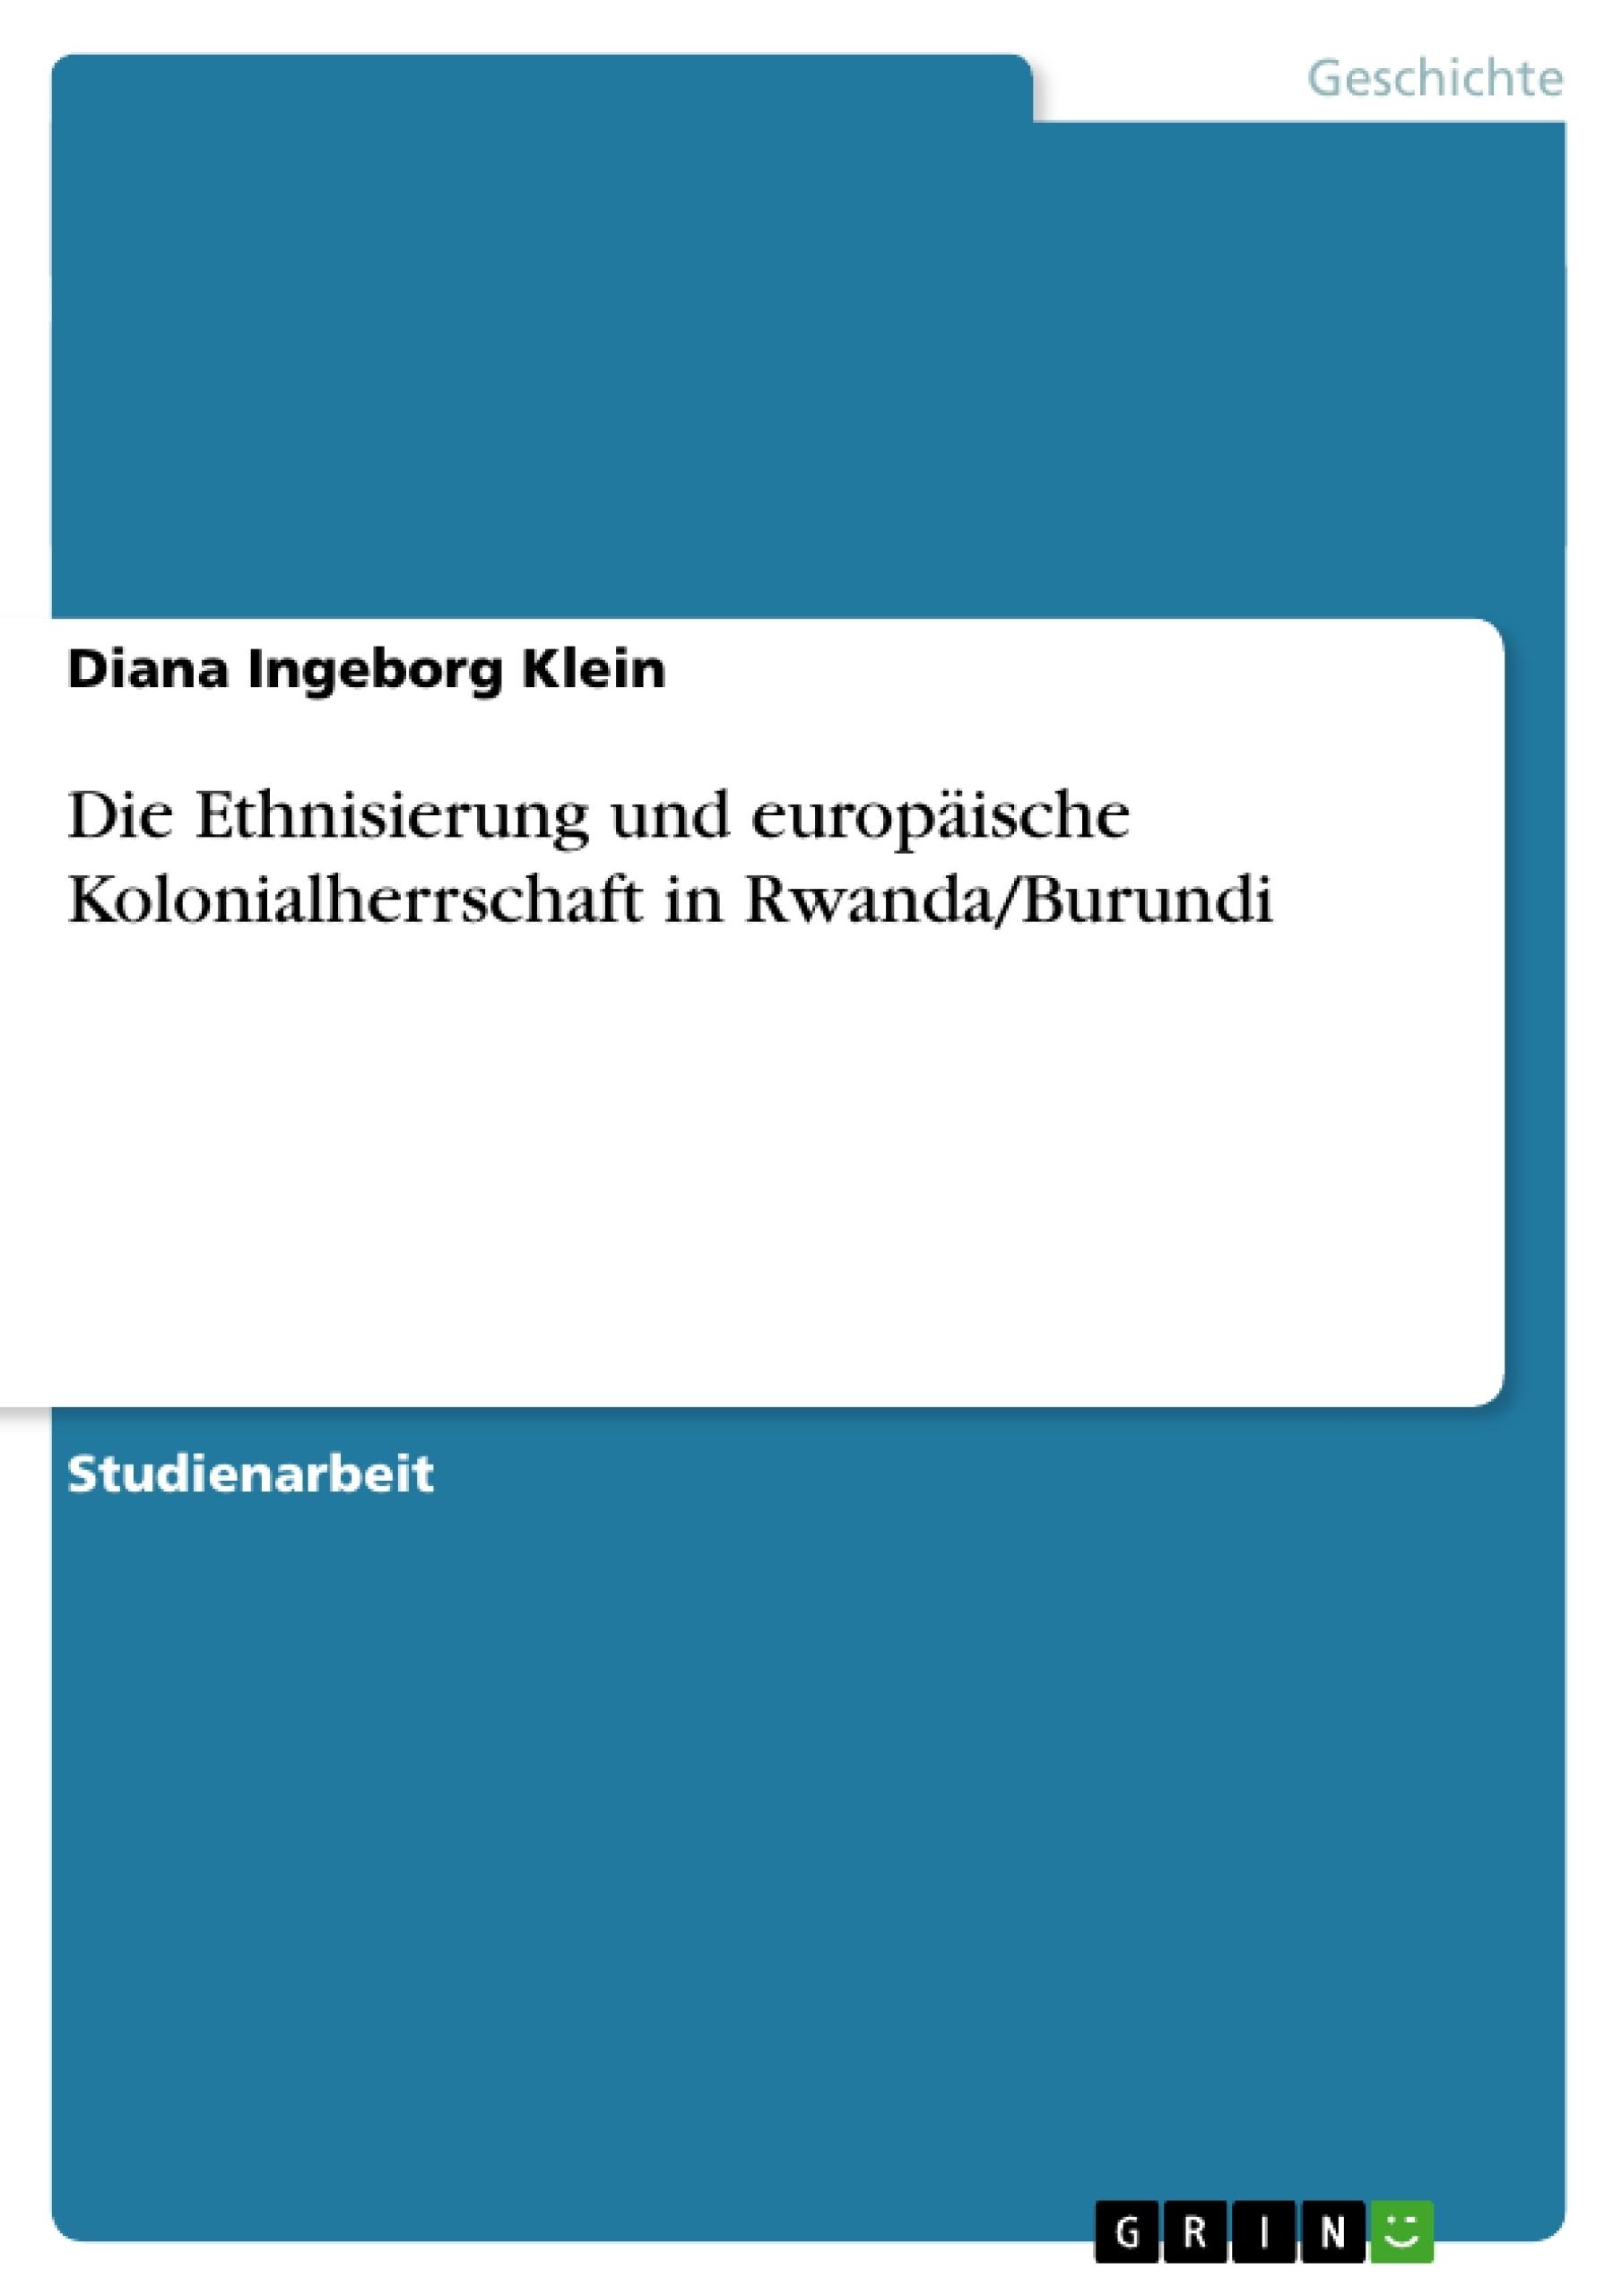 Titel: Die Ethnisierung und europäische Kolonialherrschaft in Rwanda/Burundi